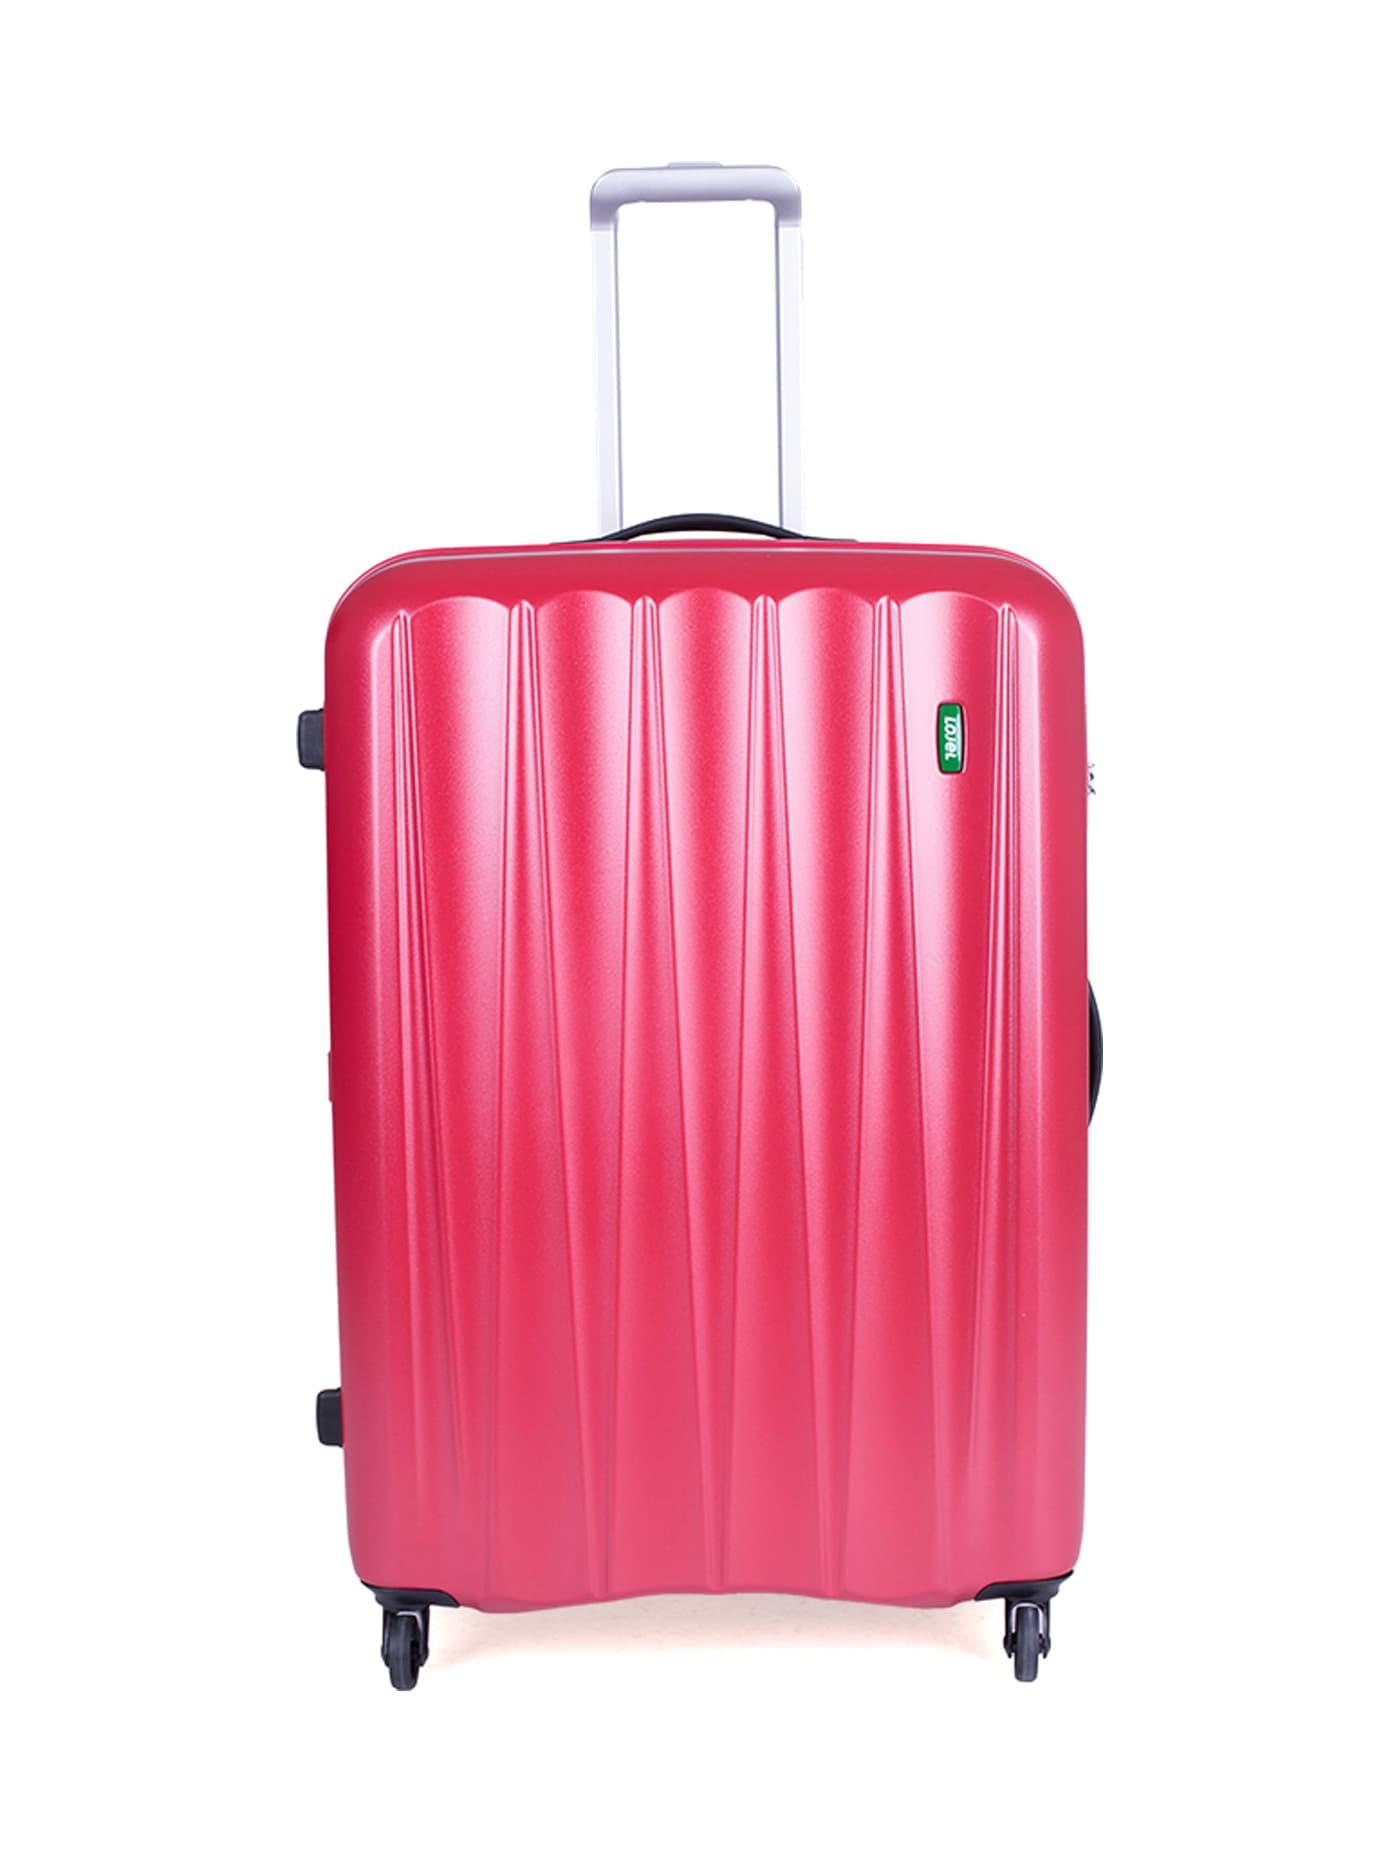 กระเป๋าเดินทางชนิดแข็ง 4 ล้อ สีแดง ขนาด 28 นิ้ว